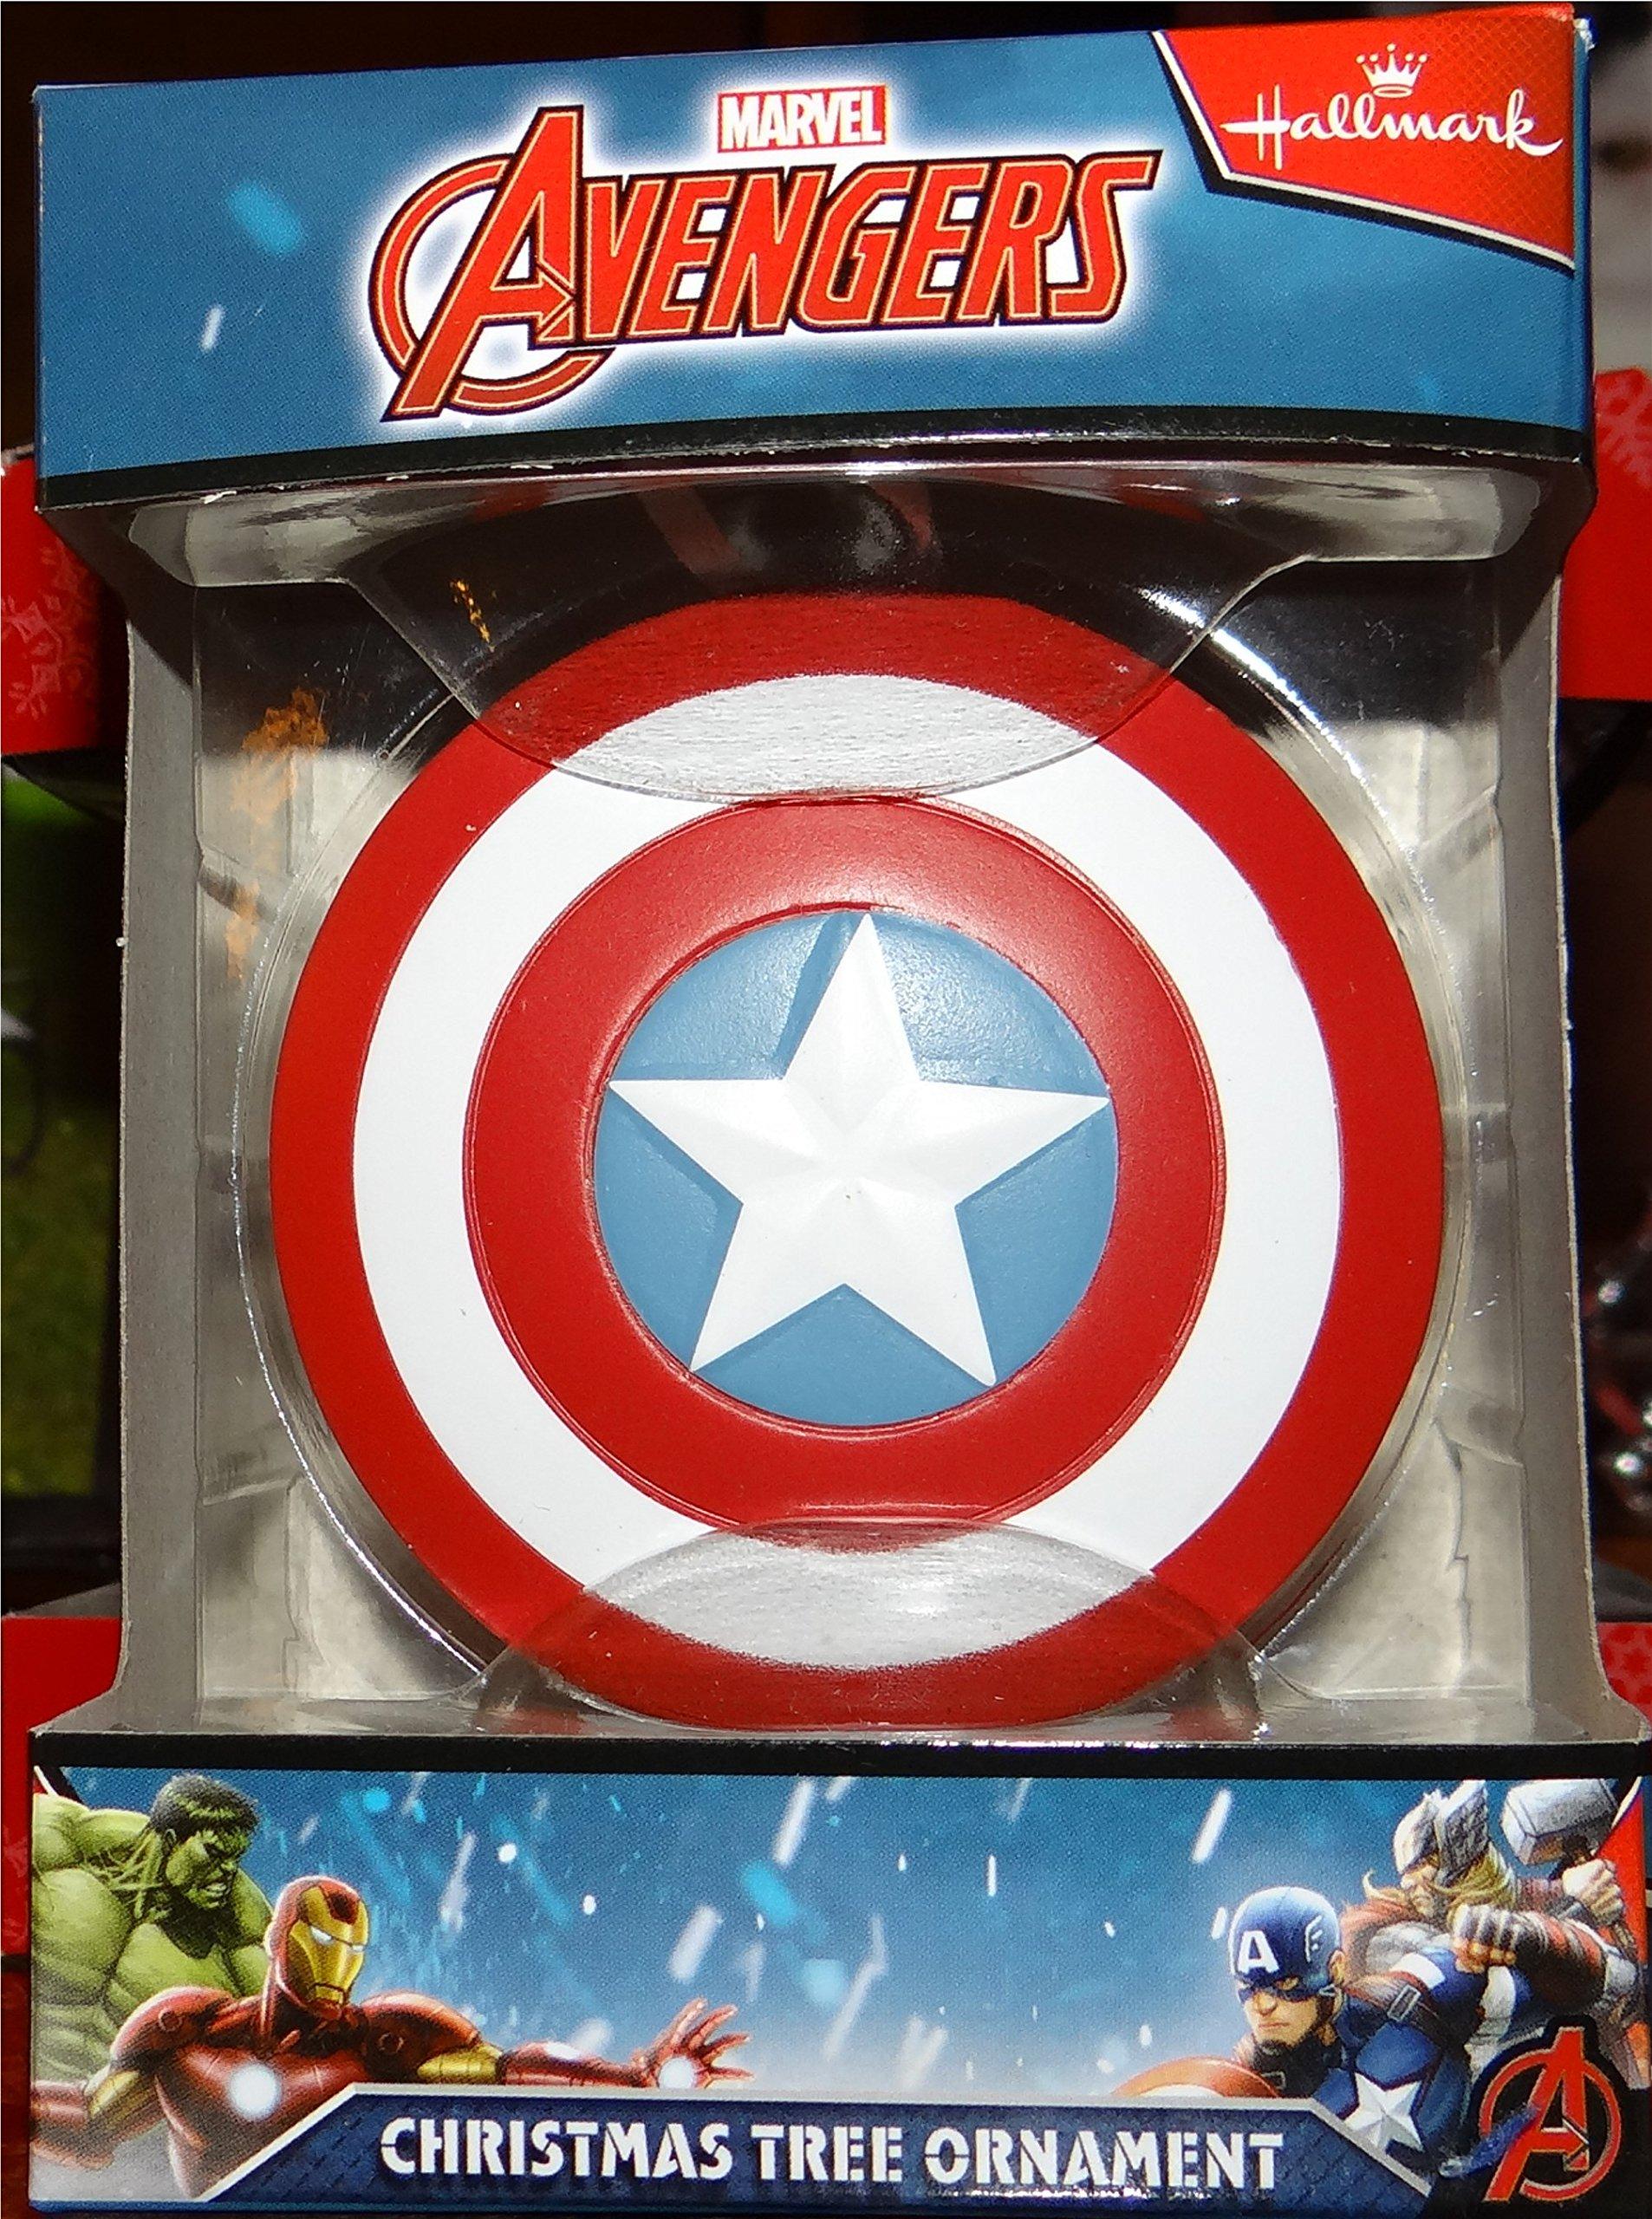 Hallmark Marvel Avengers Captain America Shield Ornament